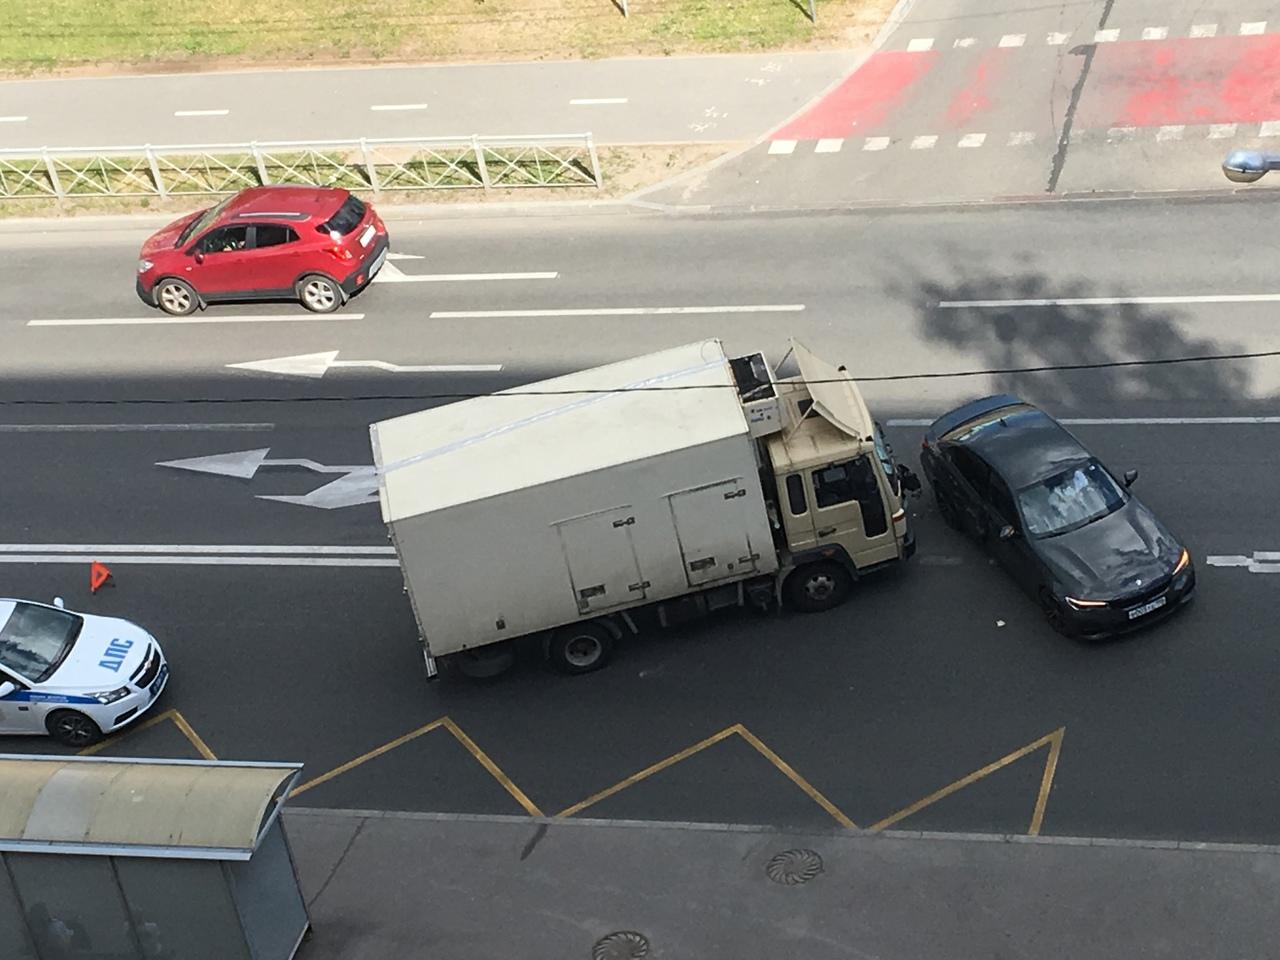 ДТП на Яхтенной у дома 6к1 столкнулись БМВ и грузовик . Объезд по встречке. ДПС уже оформляют.